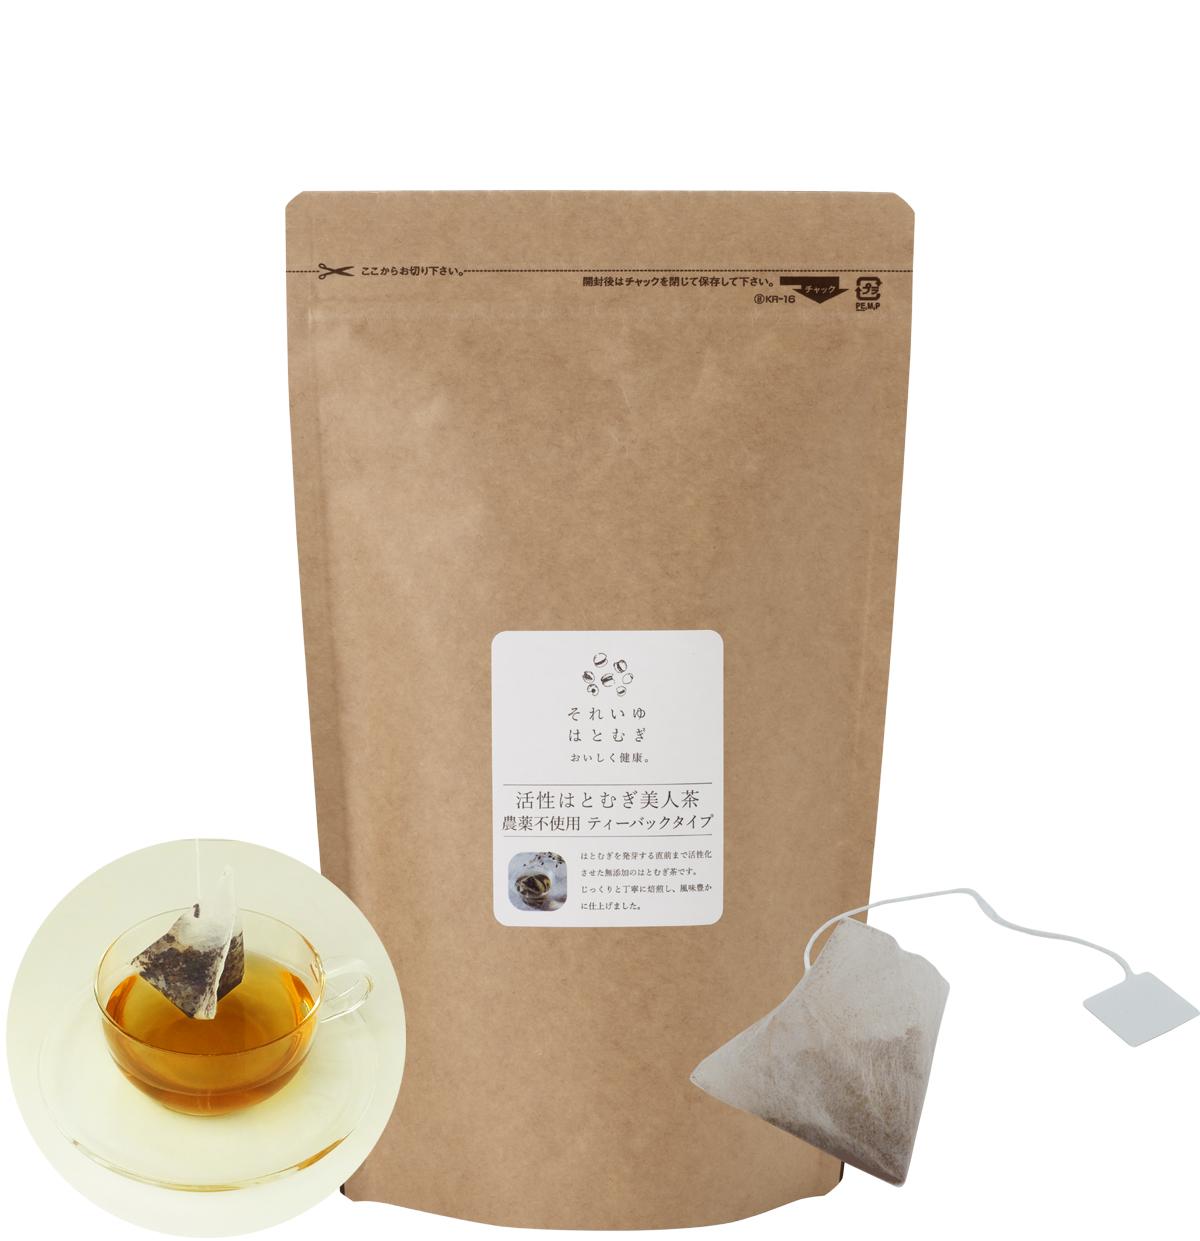 活性はとむぎ美人茶農薬不使用ティーバックタイプ